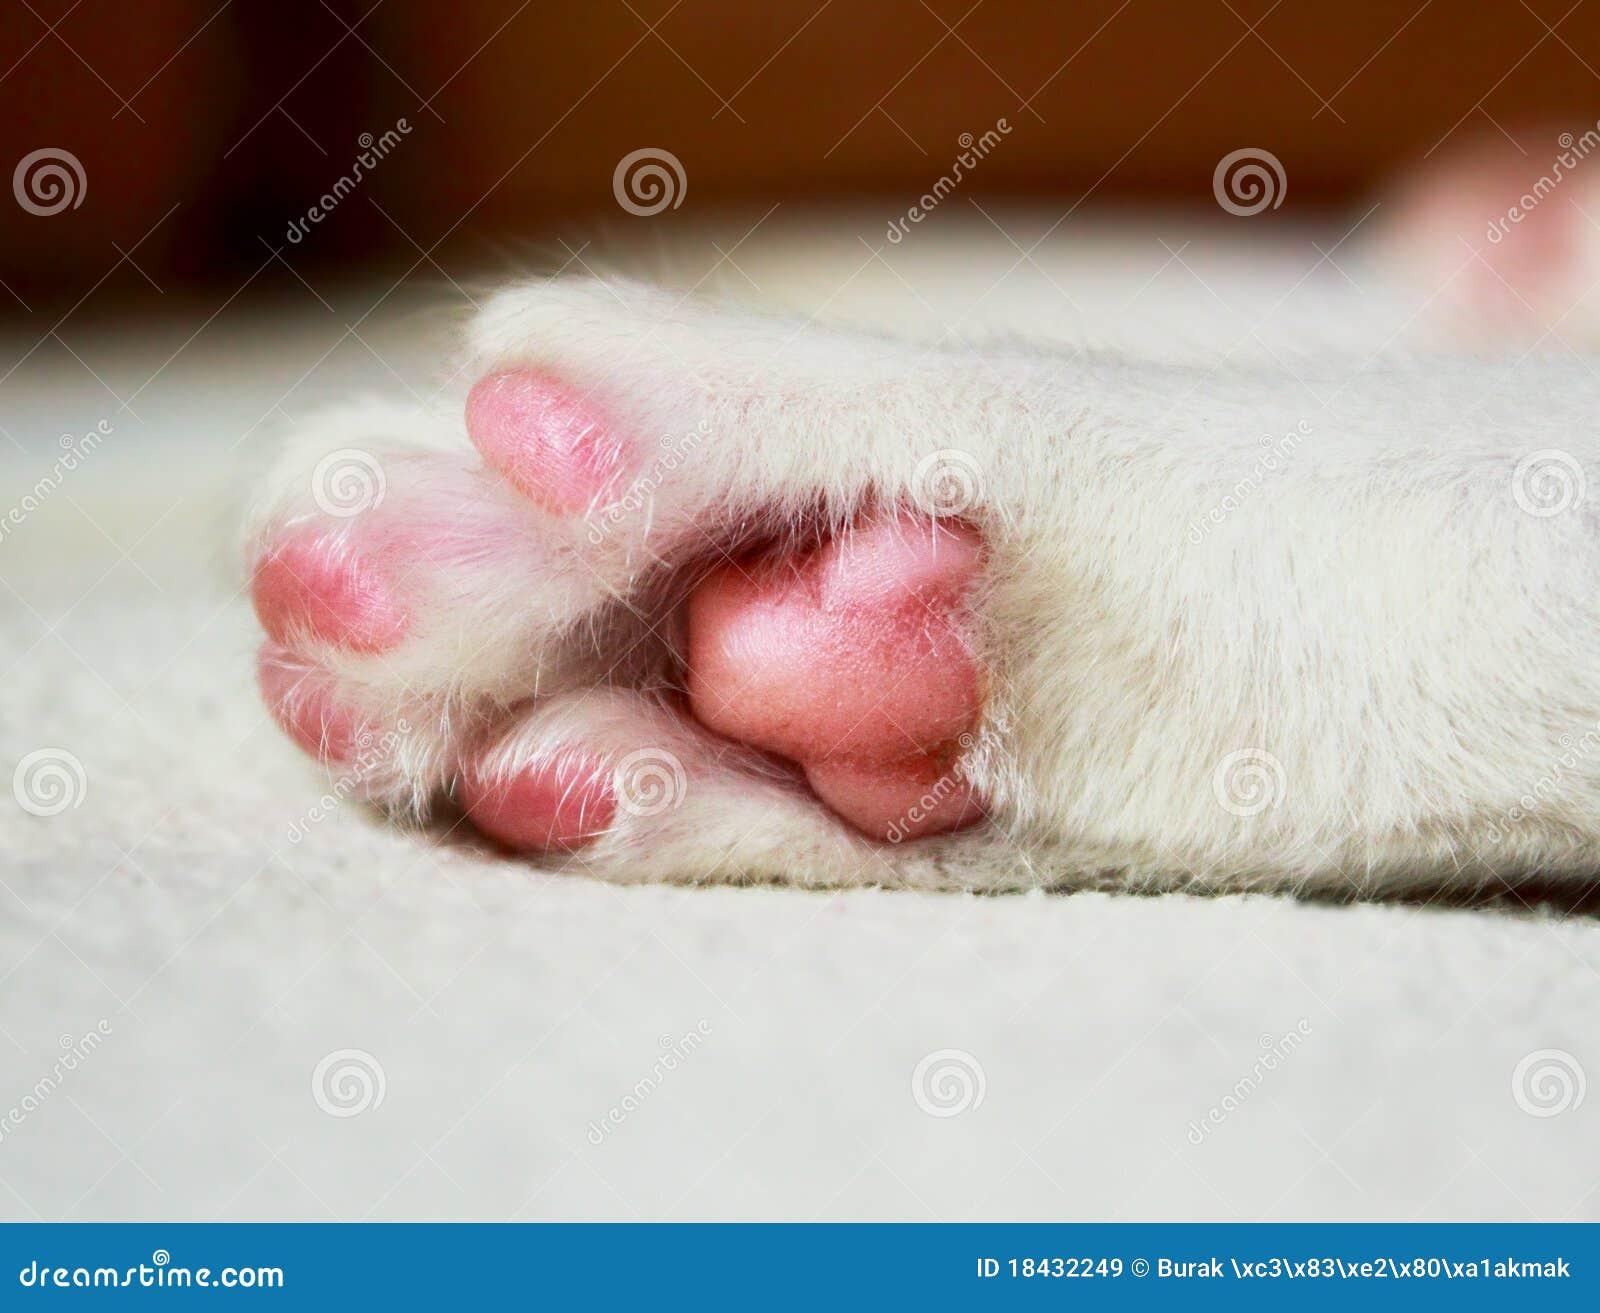 Sleeping cat paw